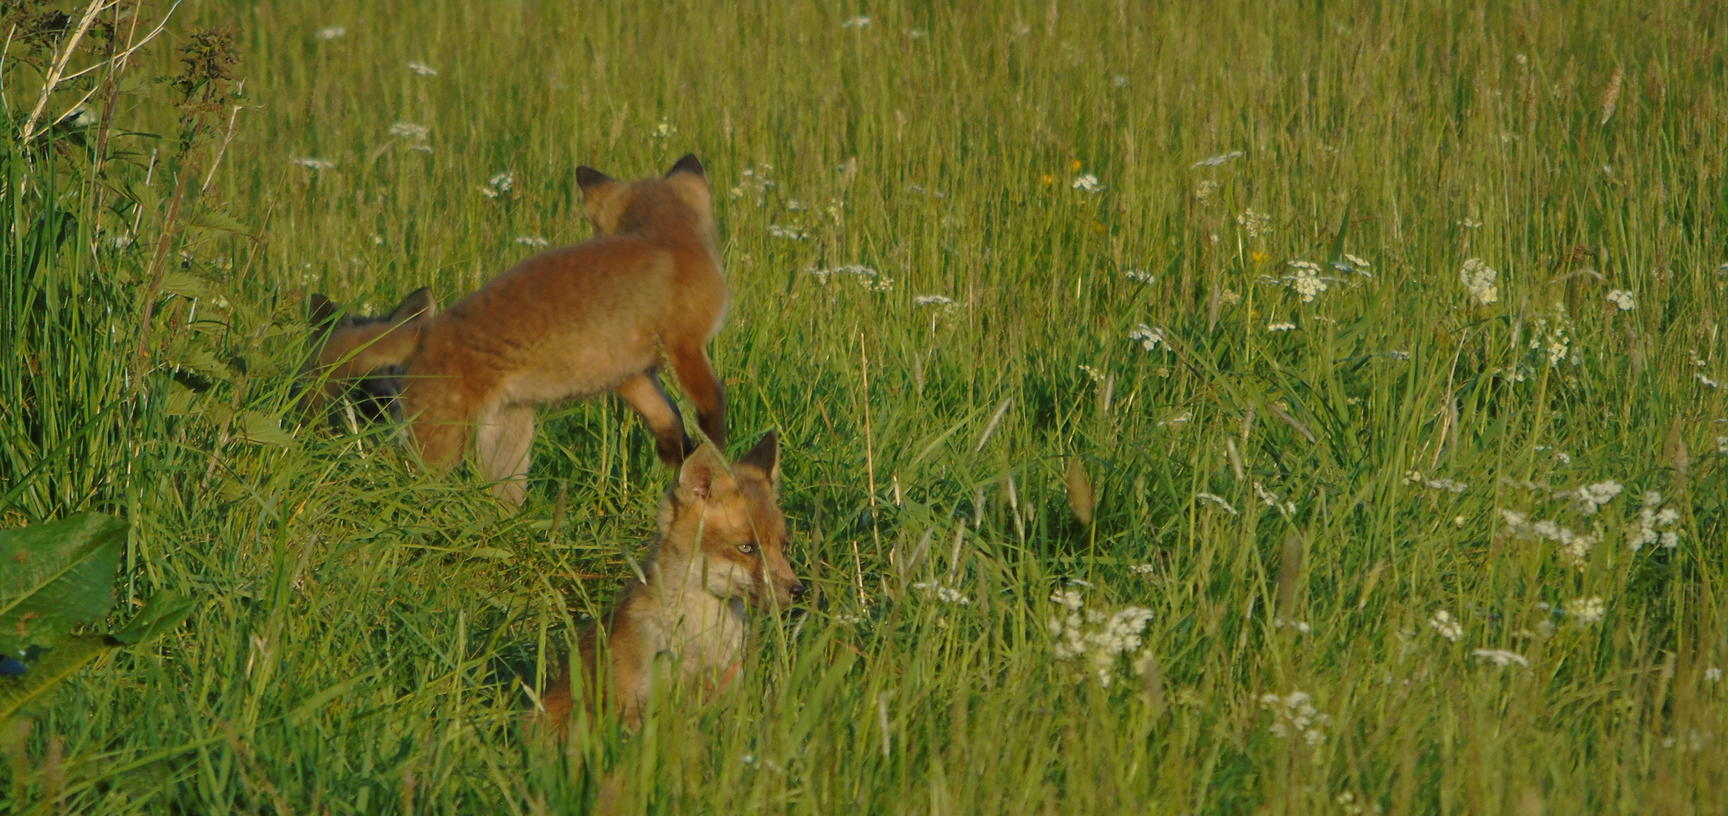 Fox cubs at the Arboretum